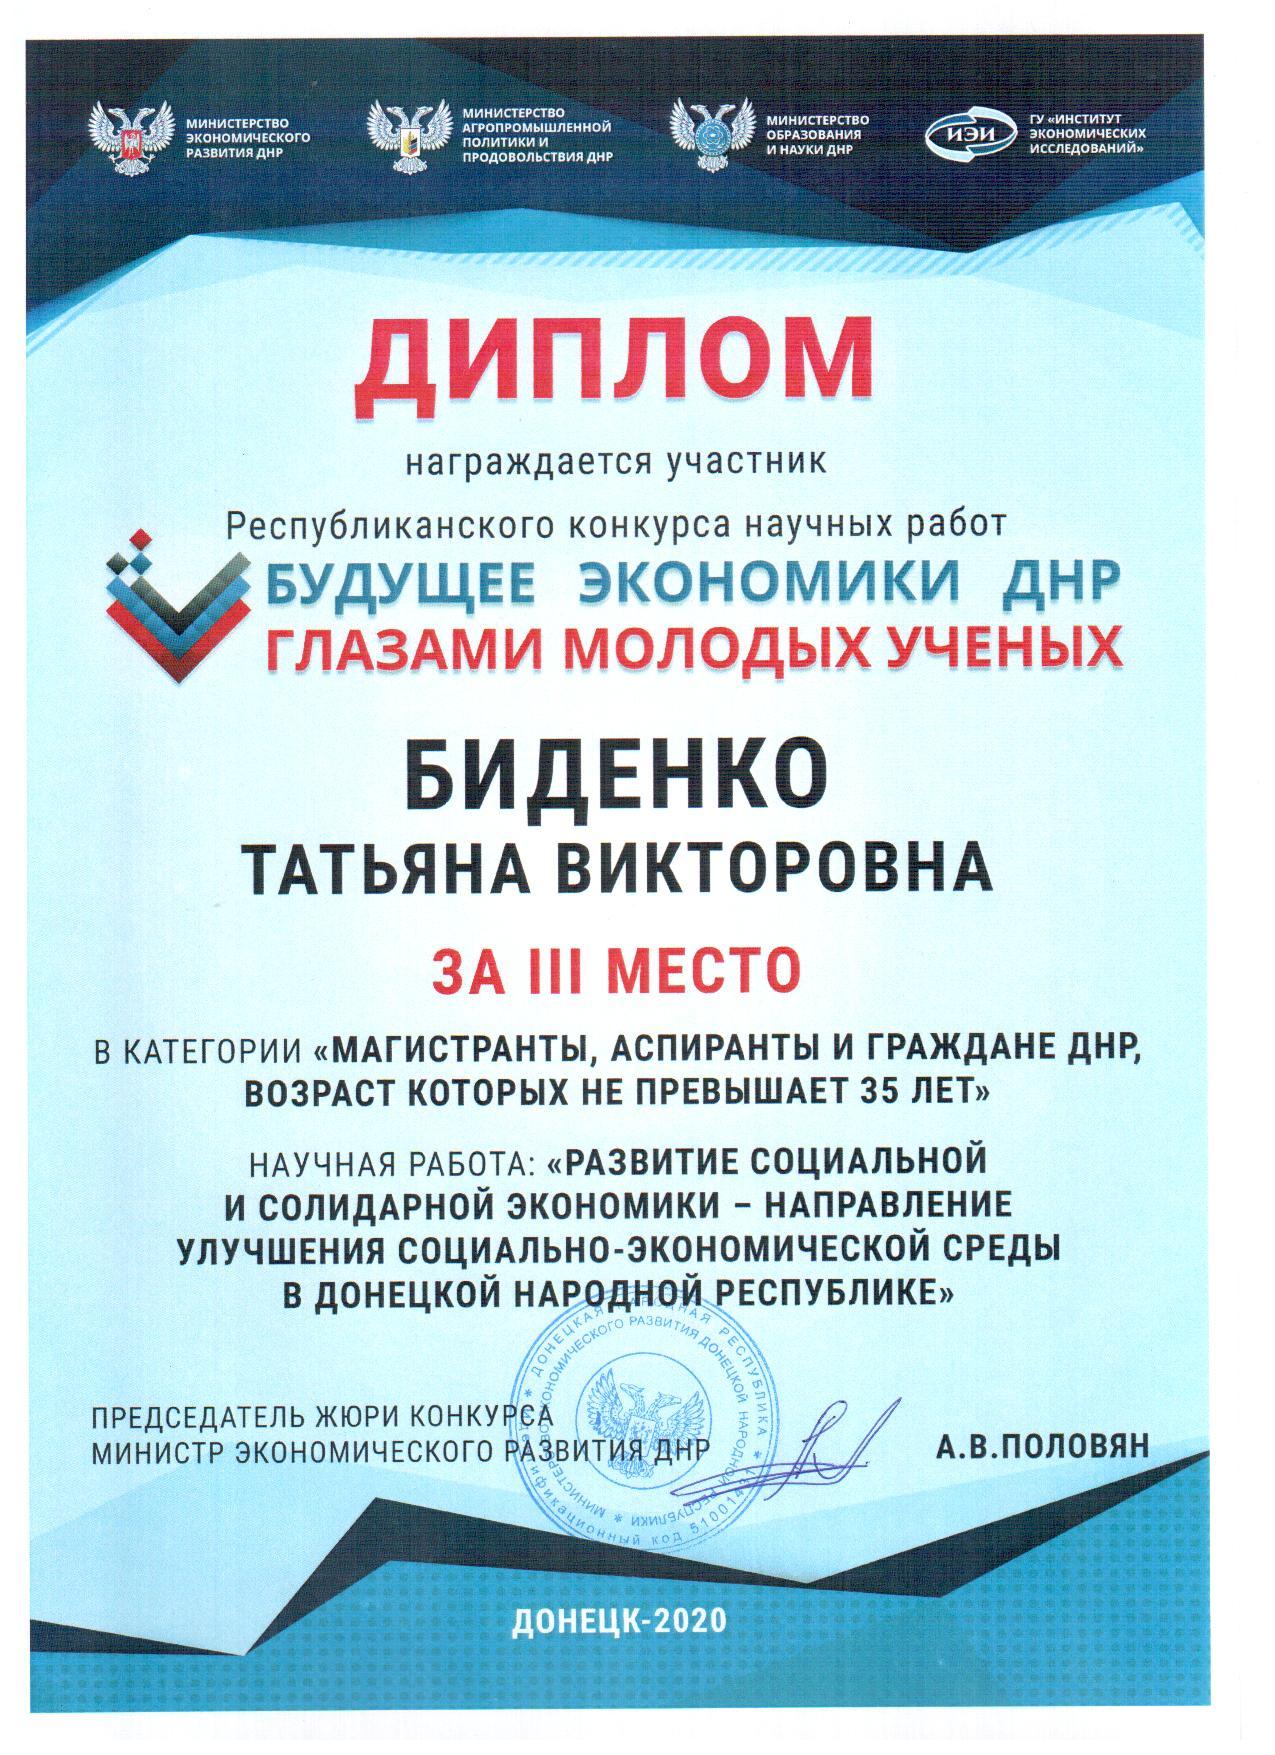 Биденко Татьяна Викторовна